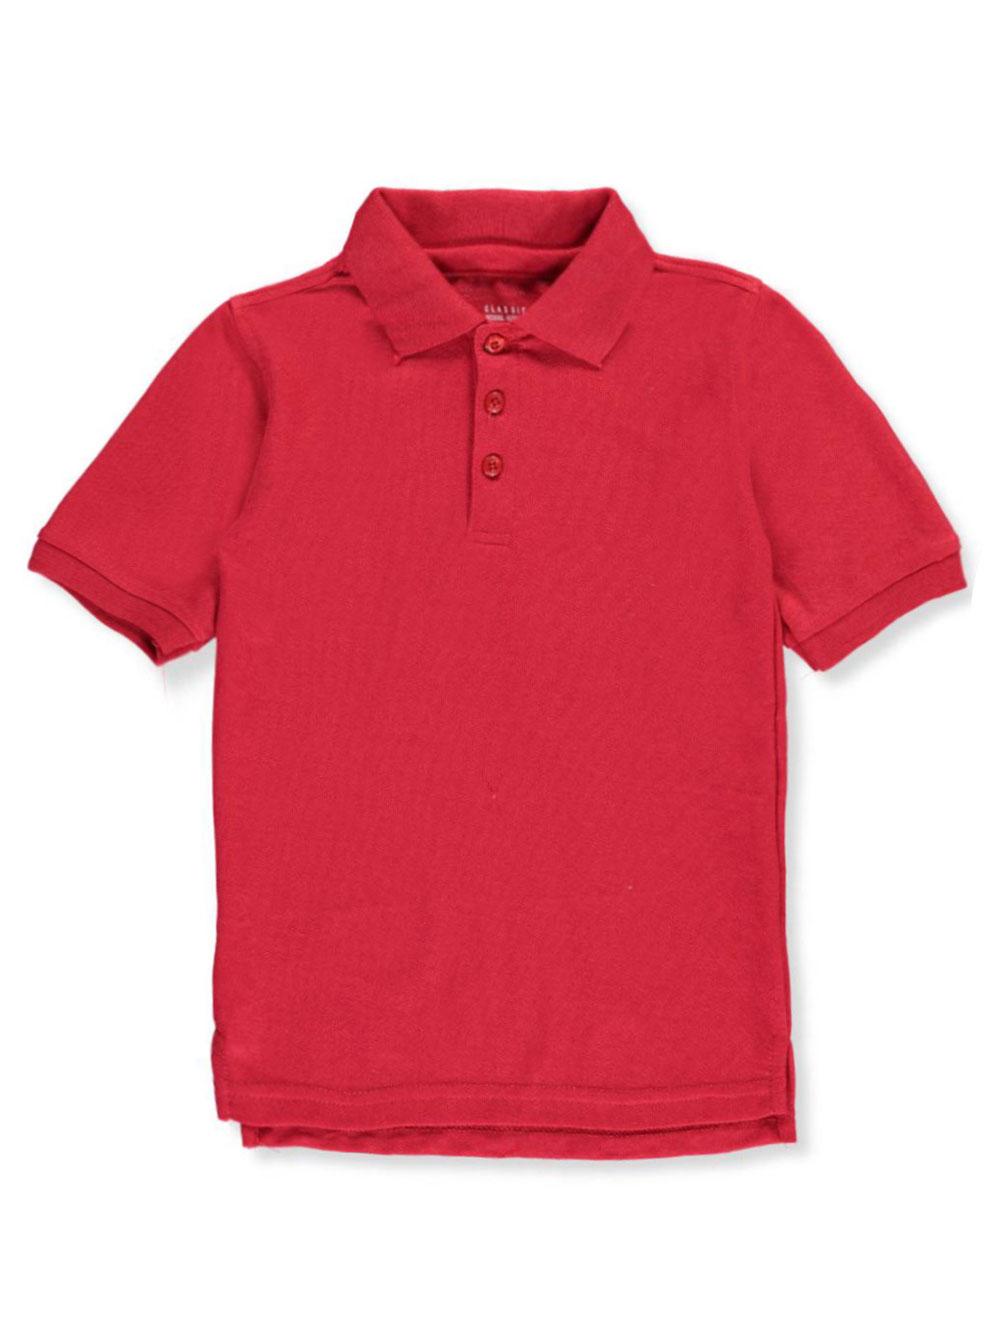 Classic School Uniform Little Boys/' Toddler S//S Pique Polo Shirt Sizes 2T - 4T